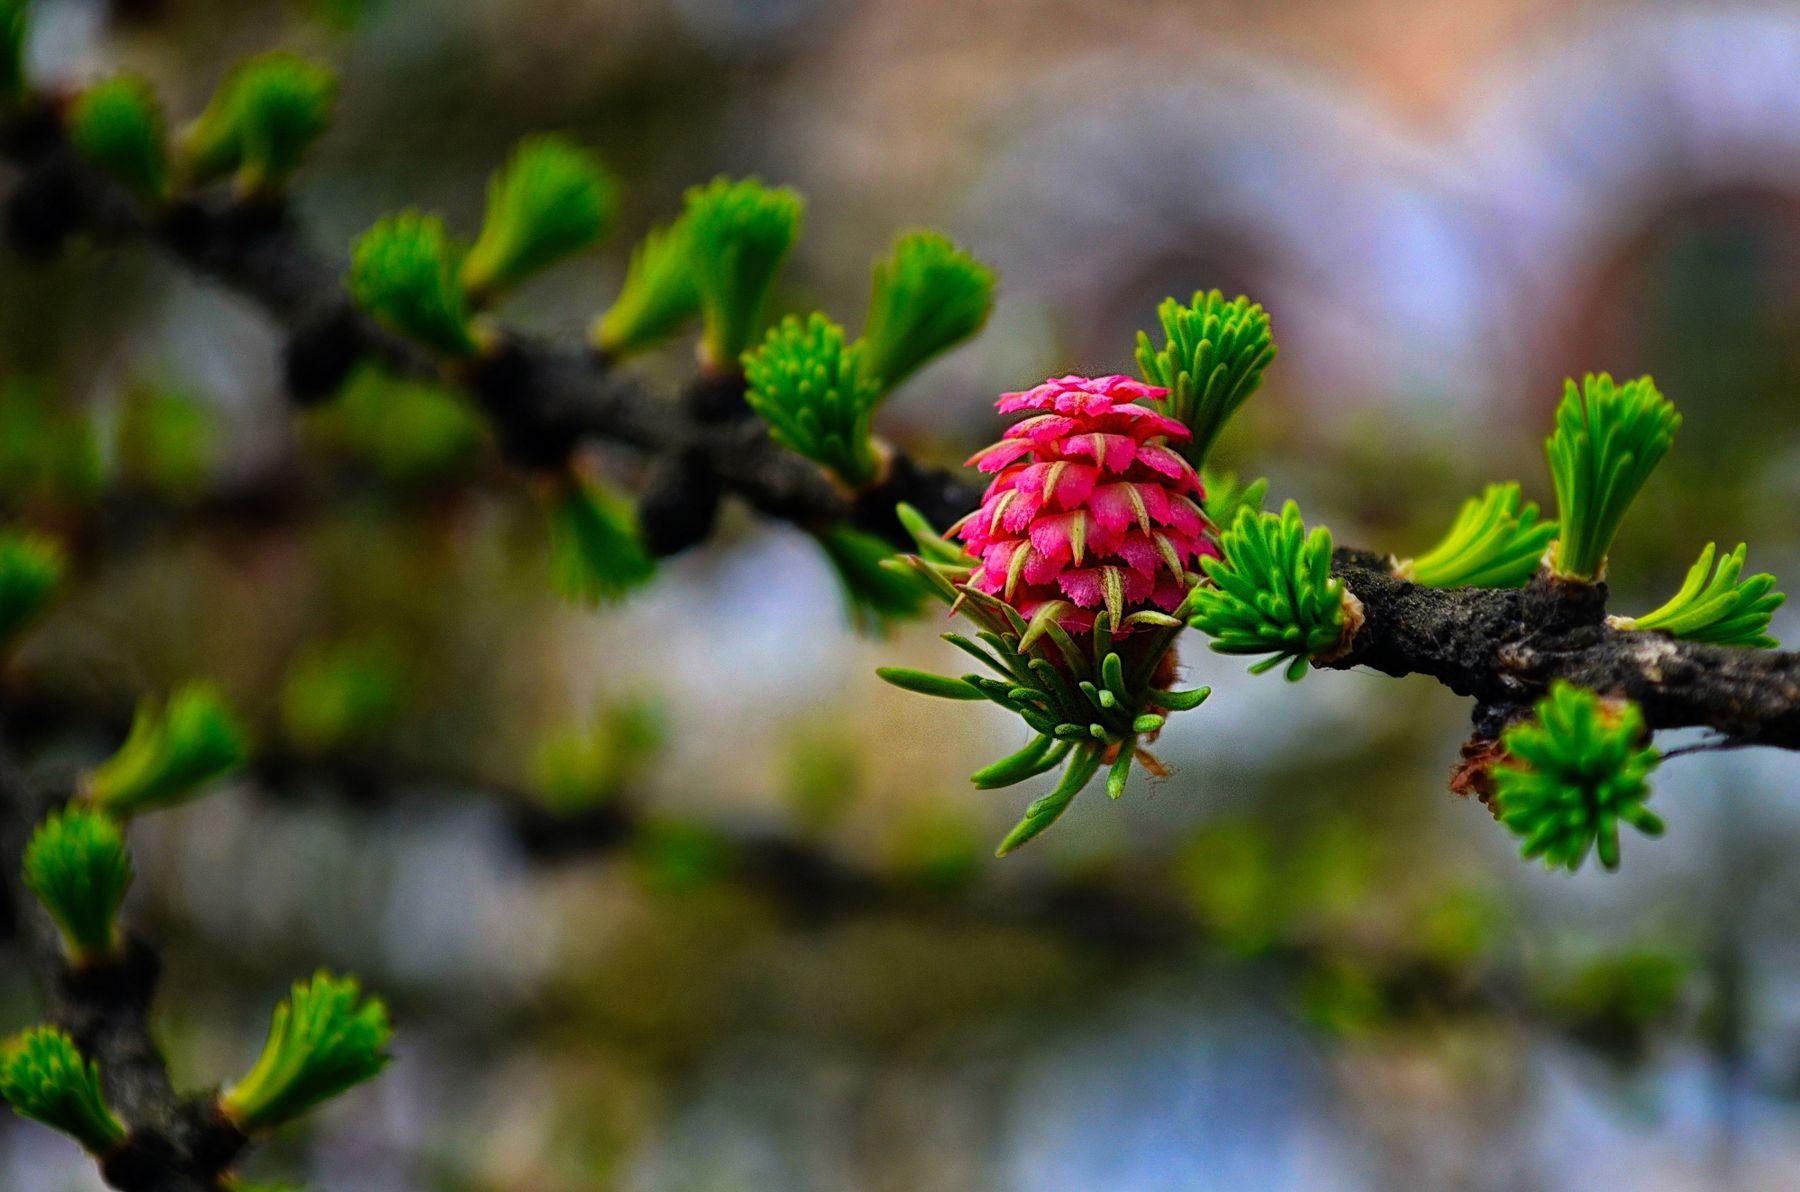 Лиственница цветет. Весна макро лиственница цветок красота природы